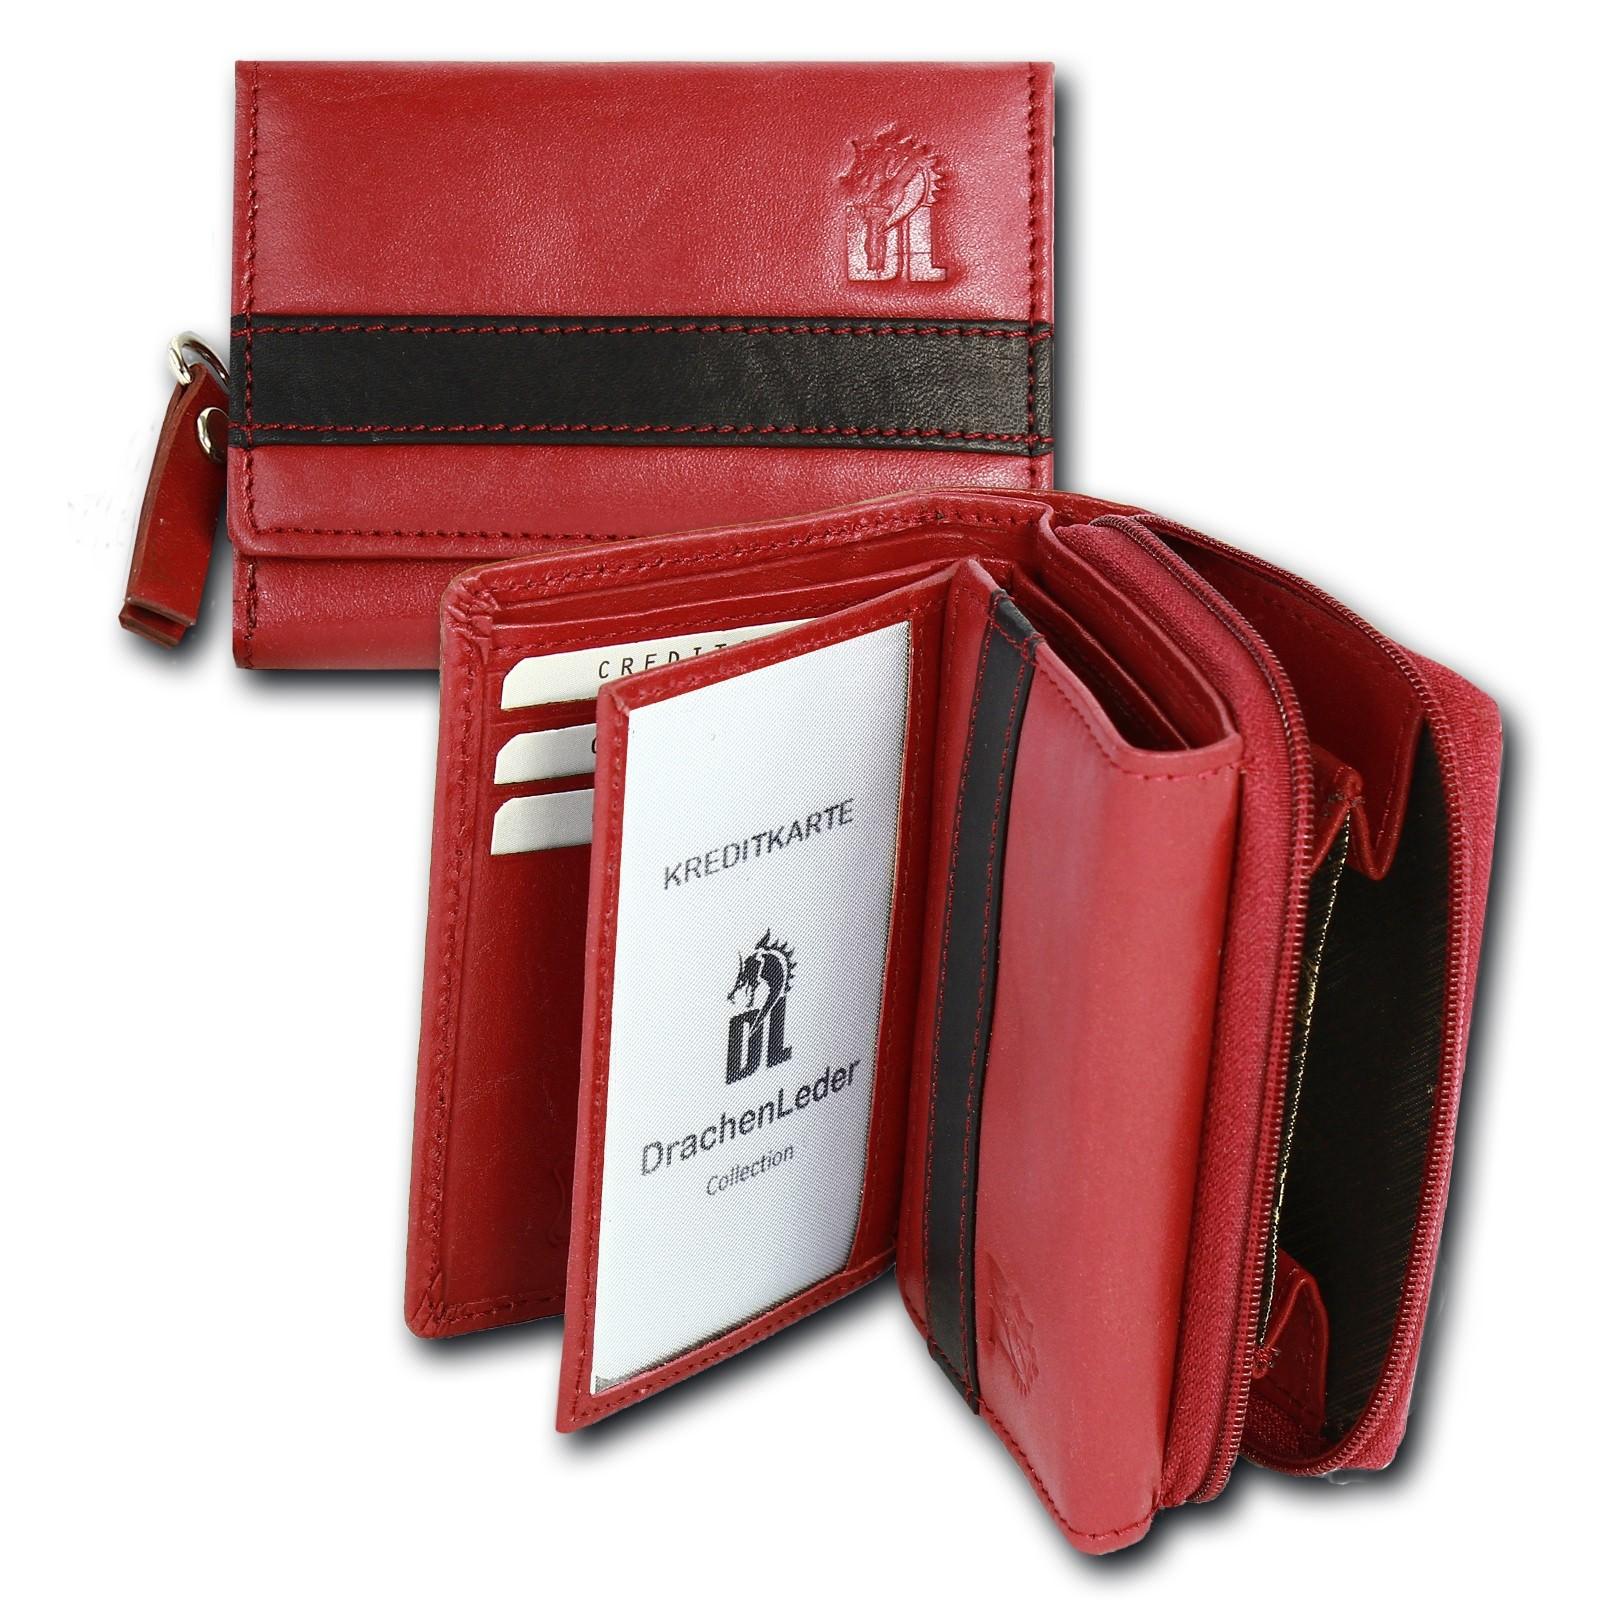 Geldbörse Leder rot Geldbeutel Portemonnaie Brieftasche DrachenLeder OPZ100R